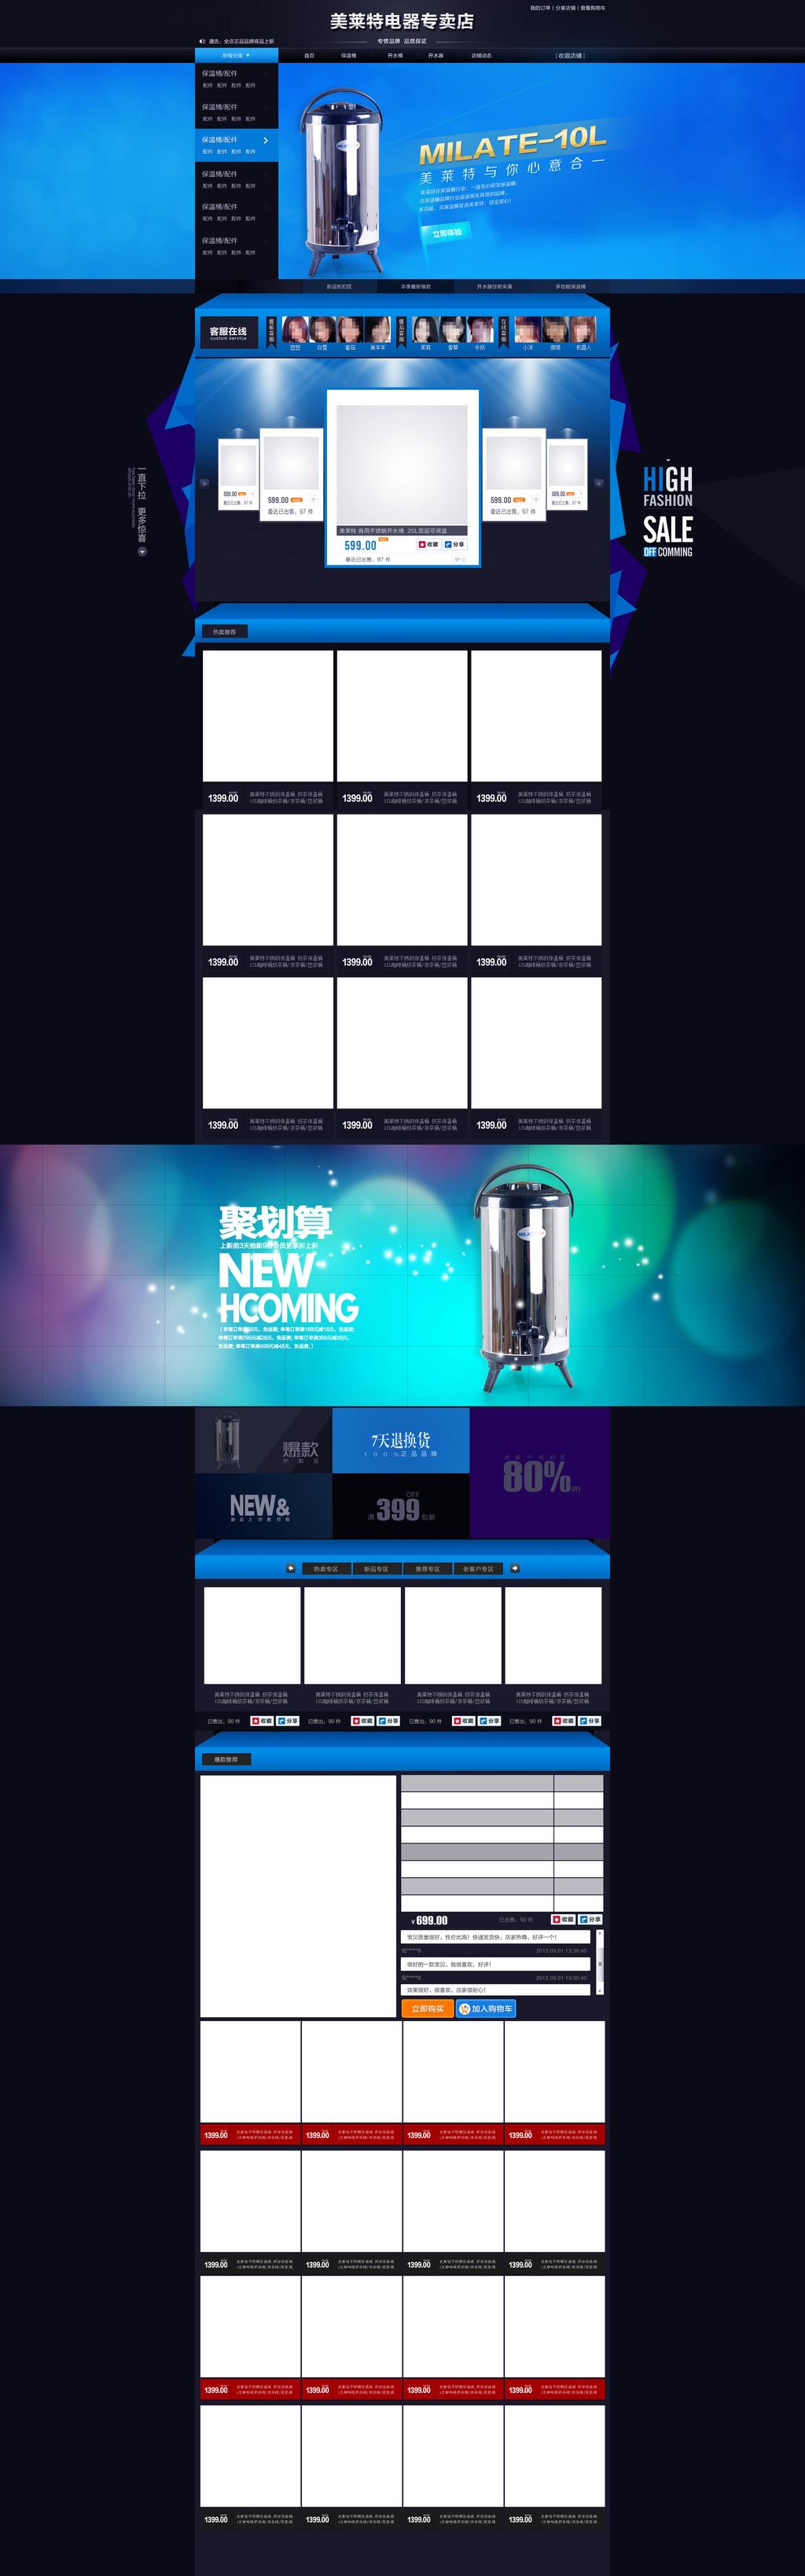 淘宝天猫数码电器热水器首页模板设计